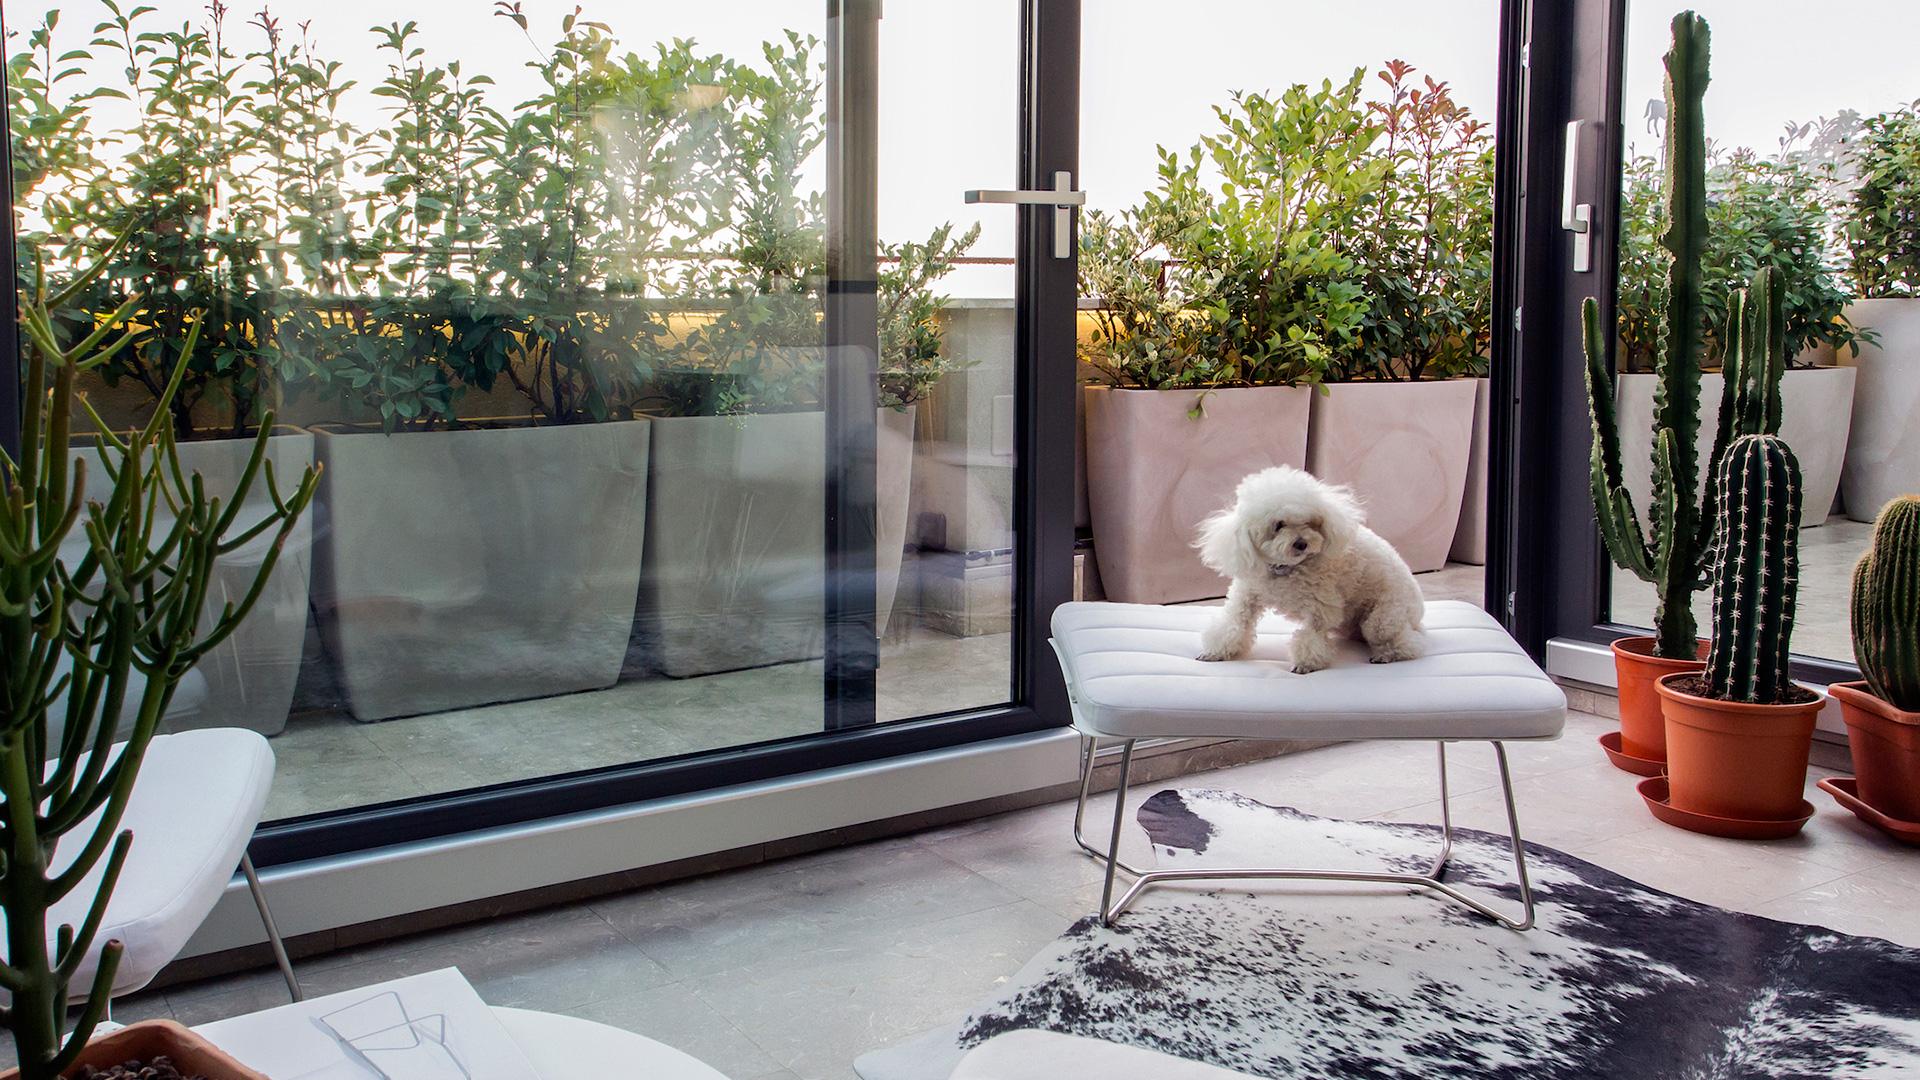 Giardino Dinverno In Casa : Disegnoinopera disegnoinopera casa con dependance giardino d